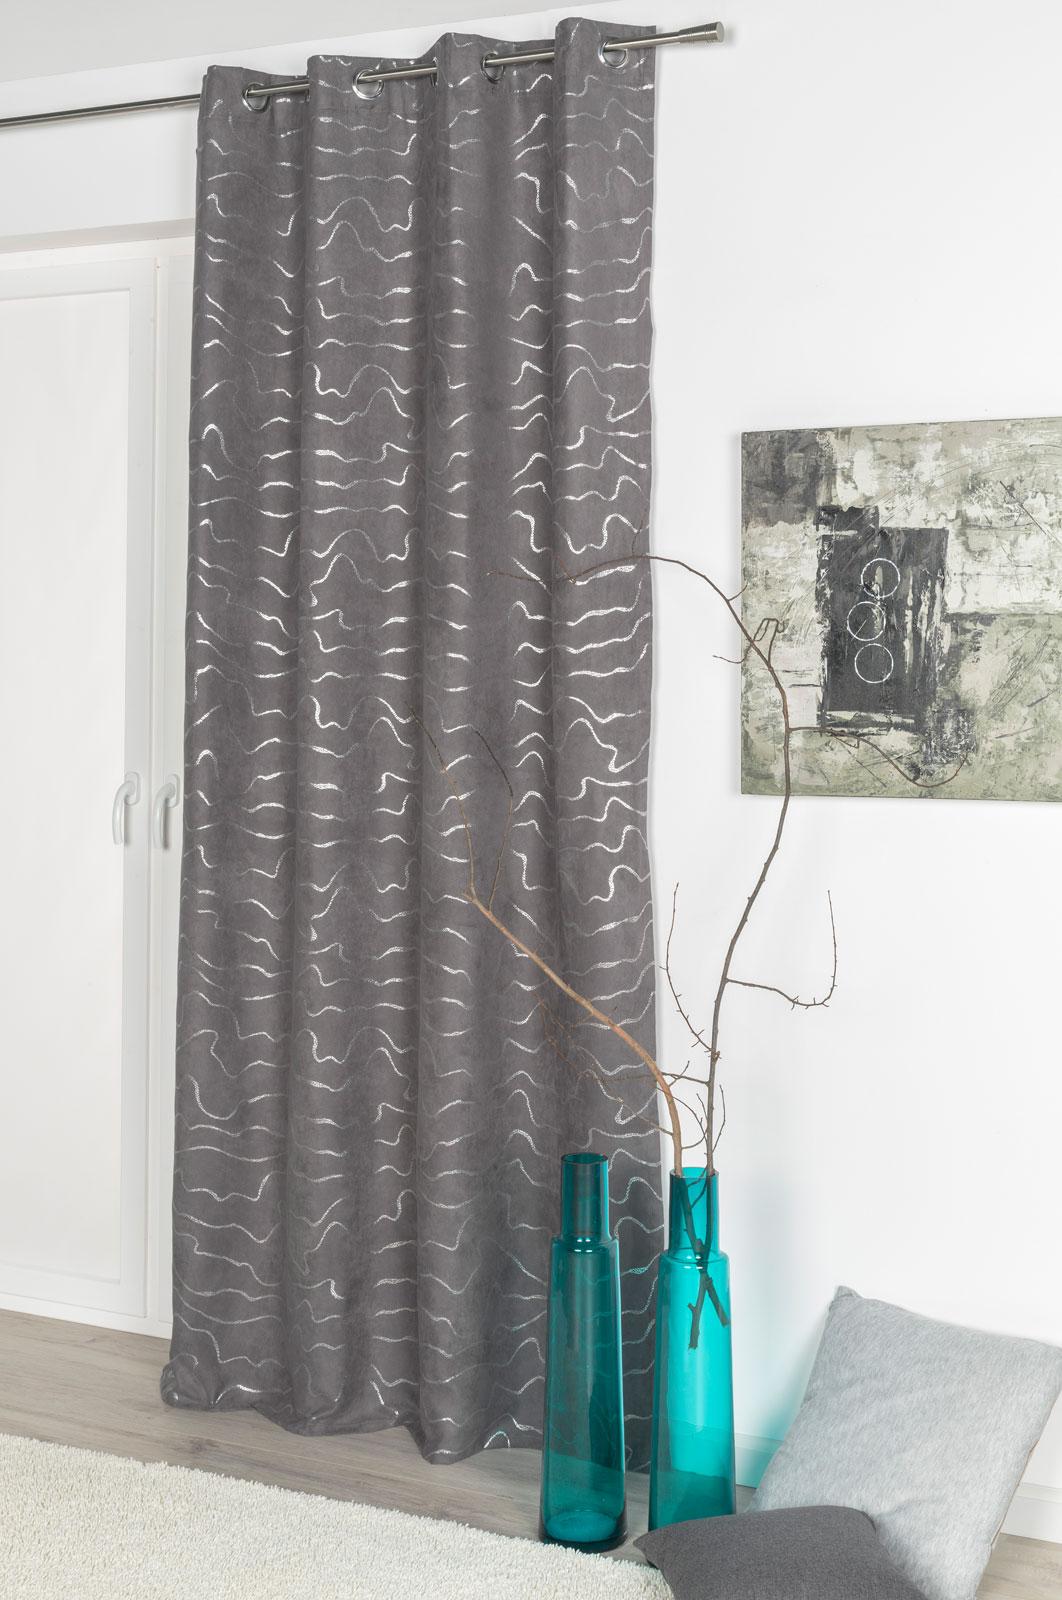 Gardinen und Vorhänge - Ösenschal Vorhang 135x245 blickdicht Glitzer Wildleder Optik anthrazit 300267  - Onlineshop PremiumShop321